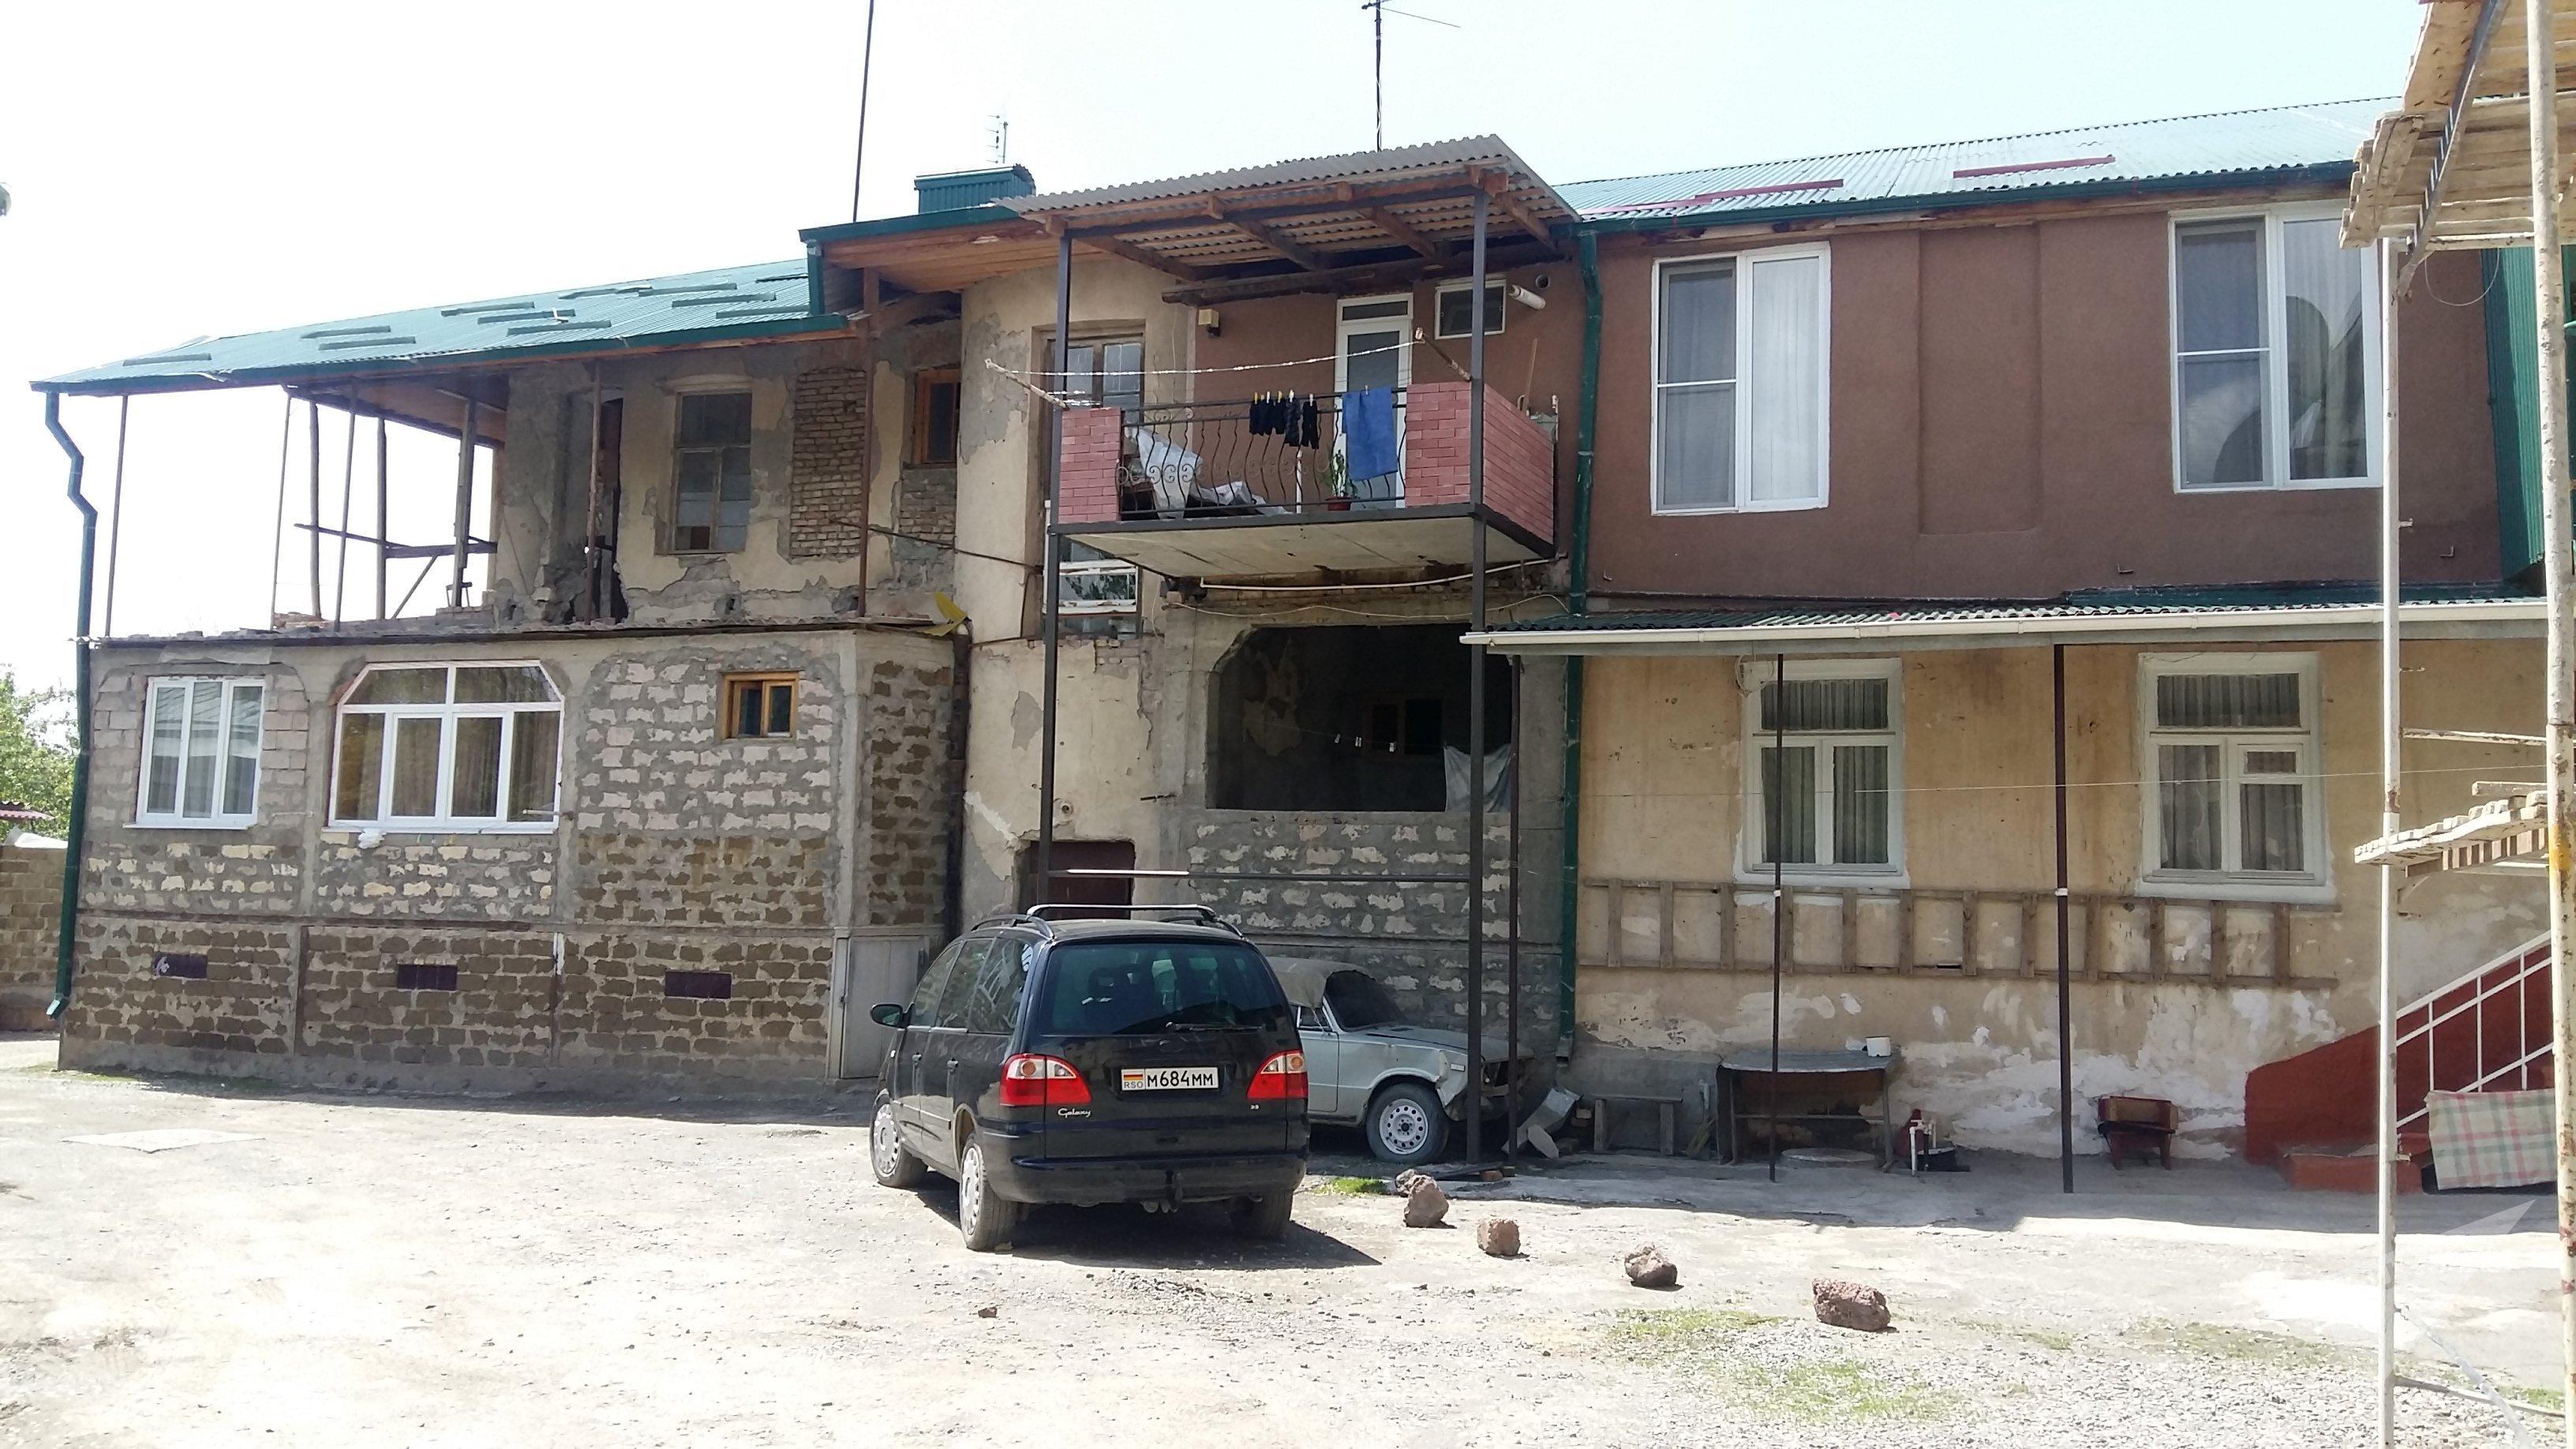 Аварийный дом в Цхинвале